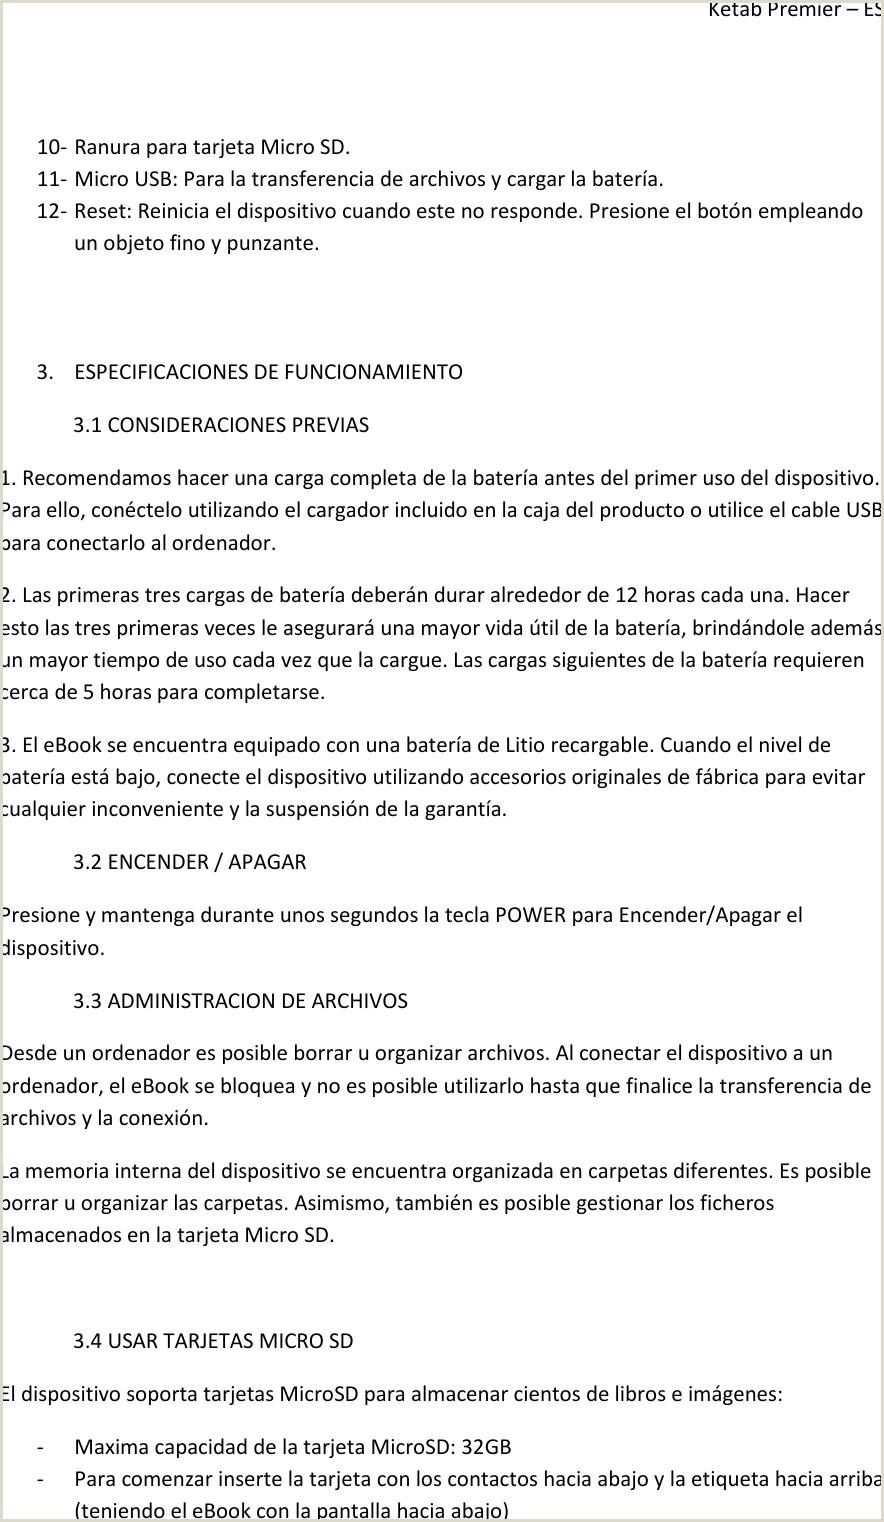 Formato Unico De Hoja De Vida Instrucciones I Joy Ketab Premier Operating Instructions